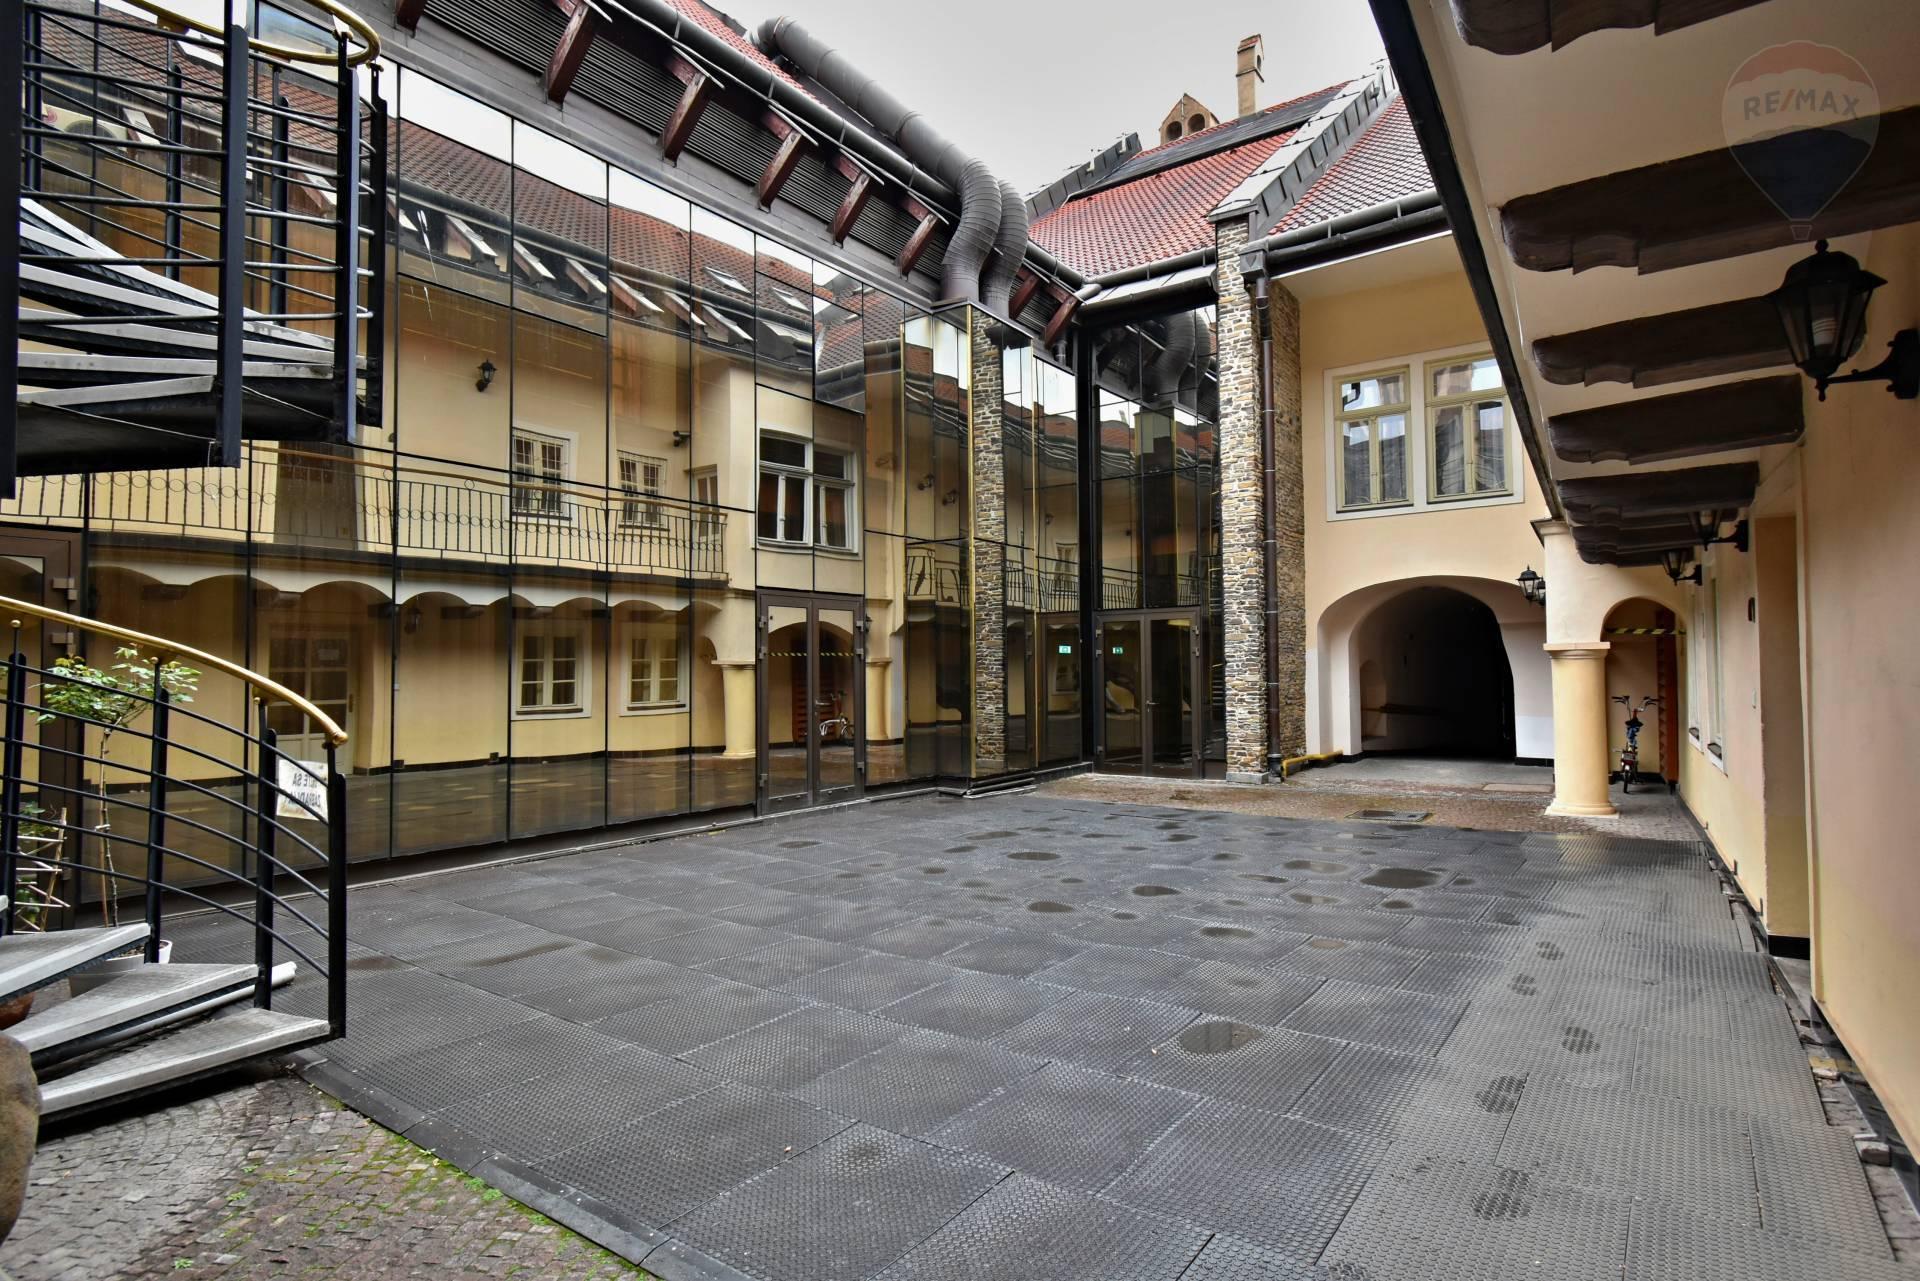 Predaj domu 1850 m2, Košice - Staré Mesto